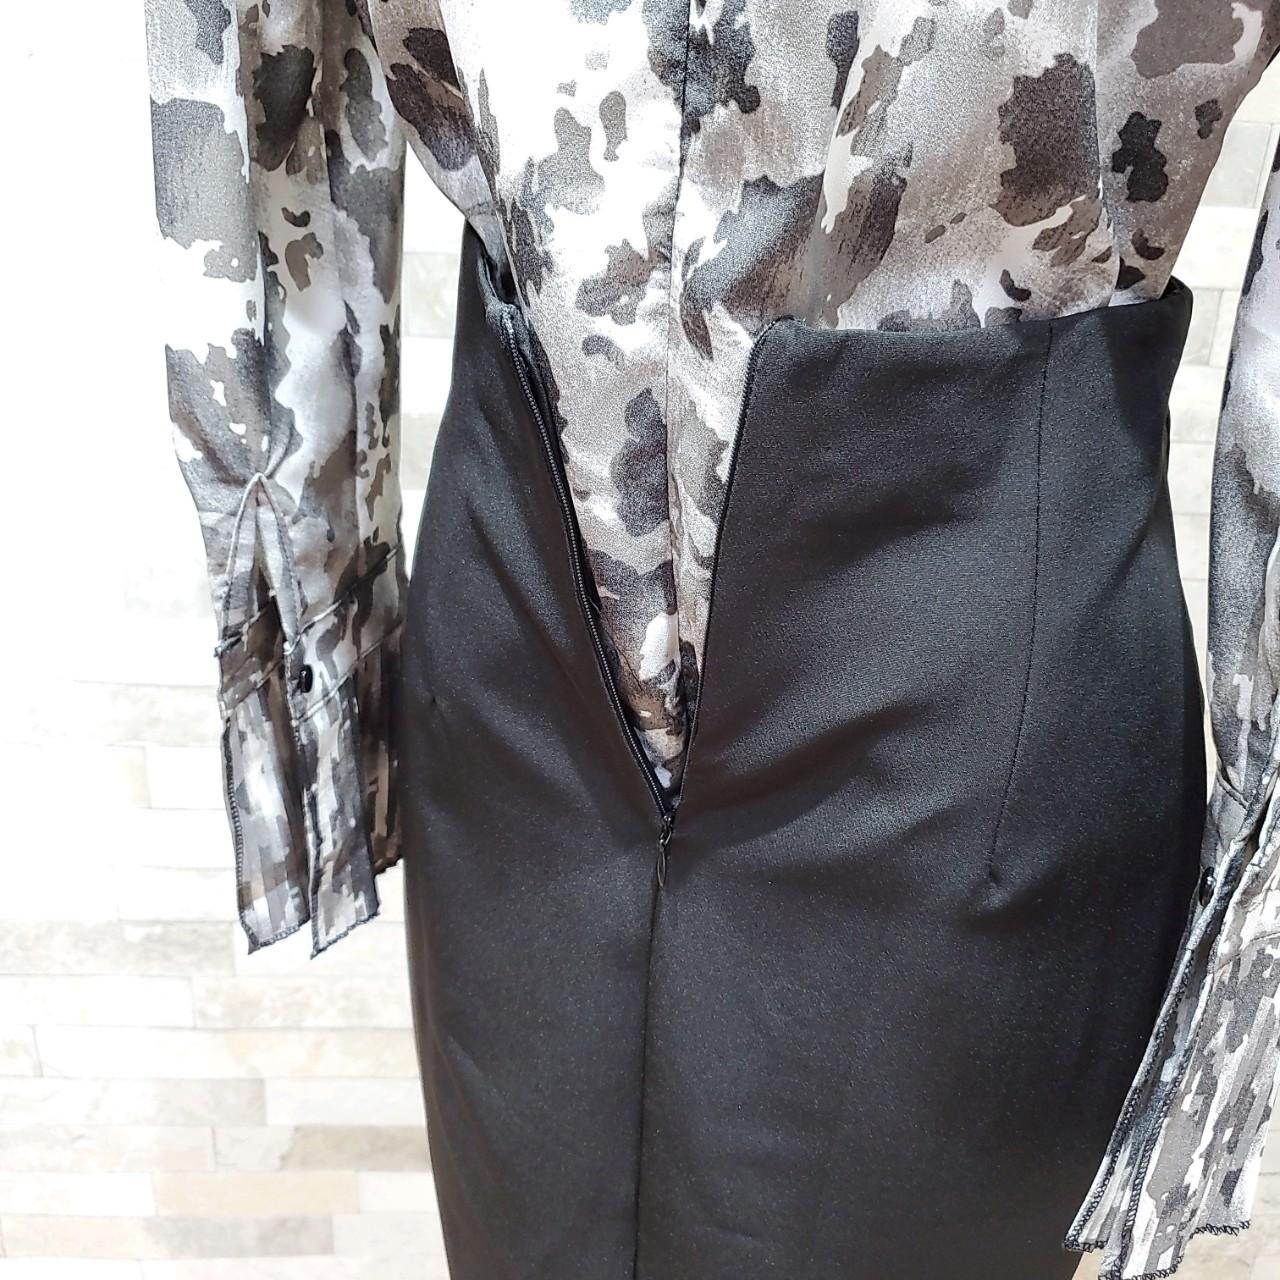 韓国 ファッション パーティードレス 結婚式 お呼ばれドレス セットアップ 秋 冬 春 パーティー ブライダル PTXH515  モノトーン リボン ドレープ タイト オフィ 二次会 セレブ きれいめの写真19枚目